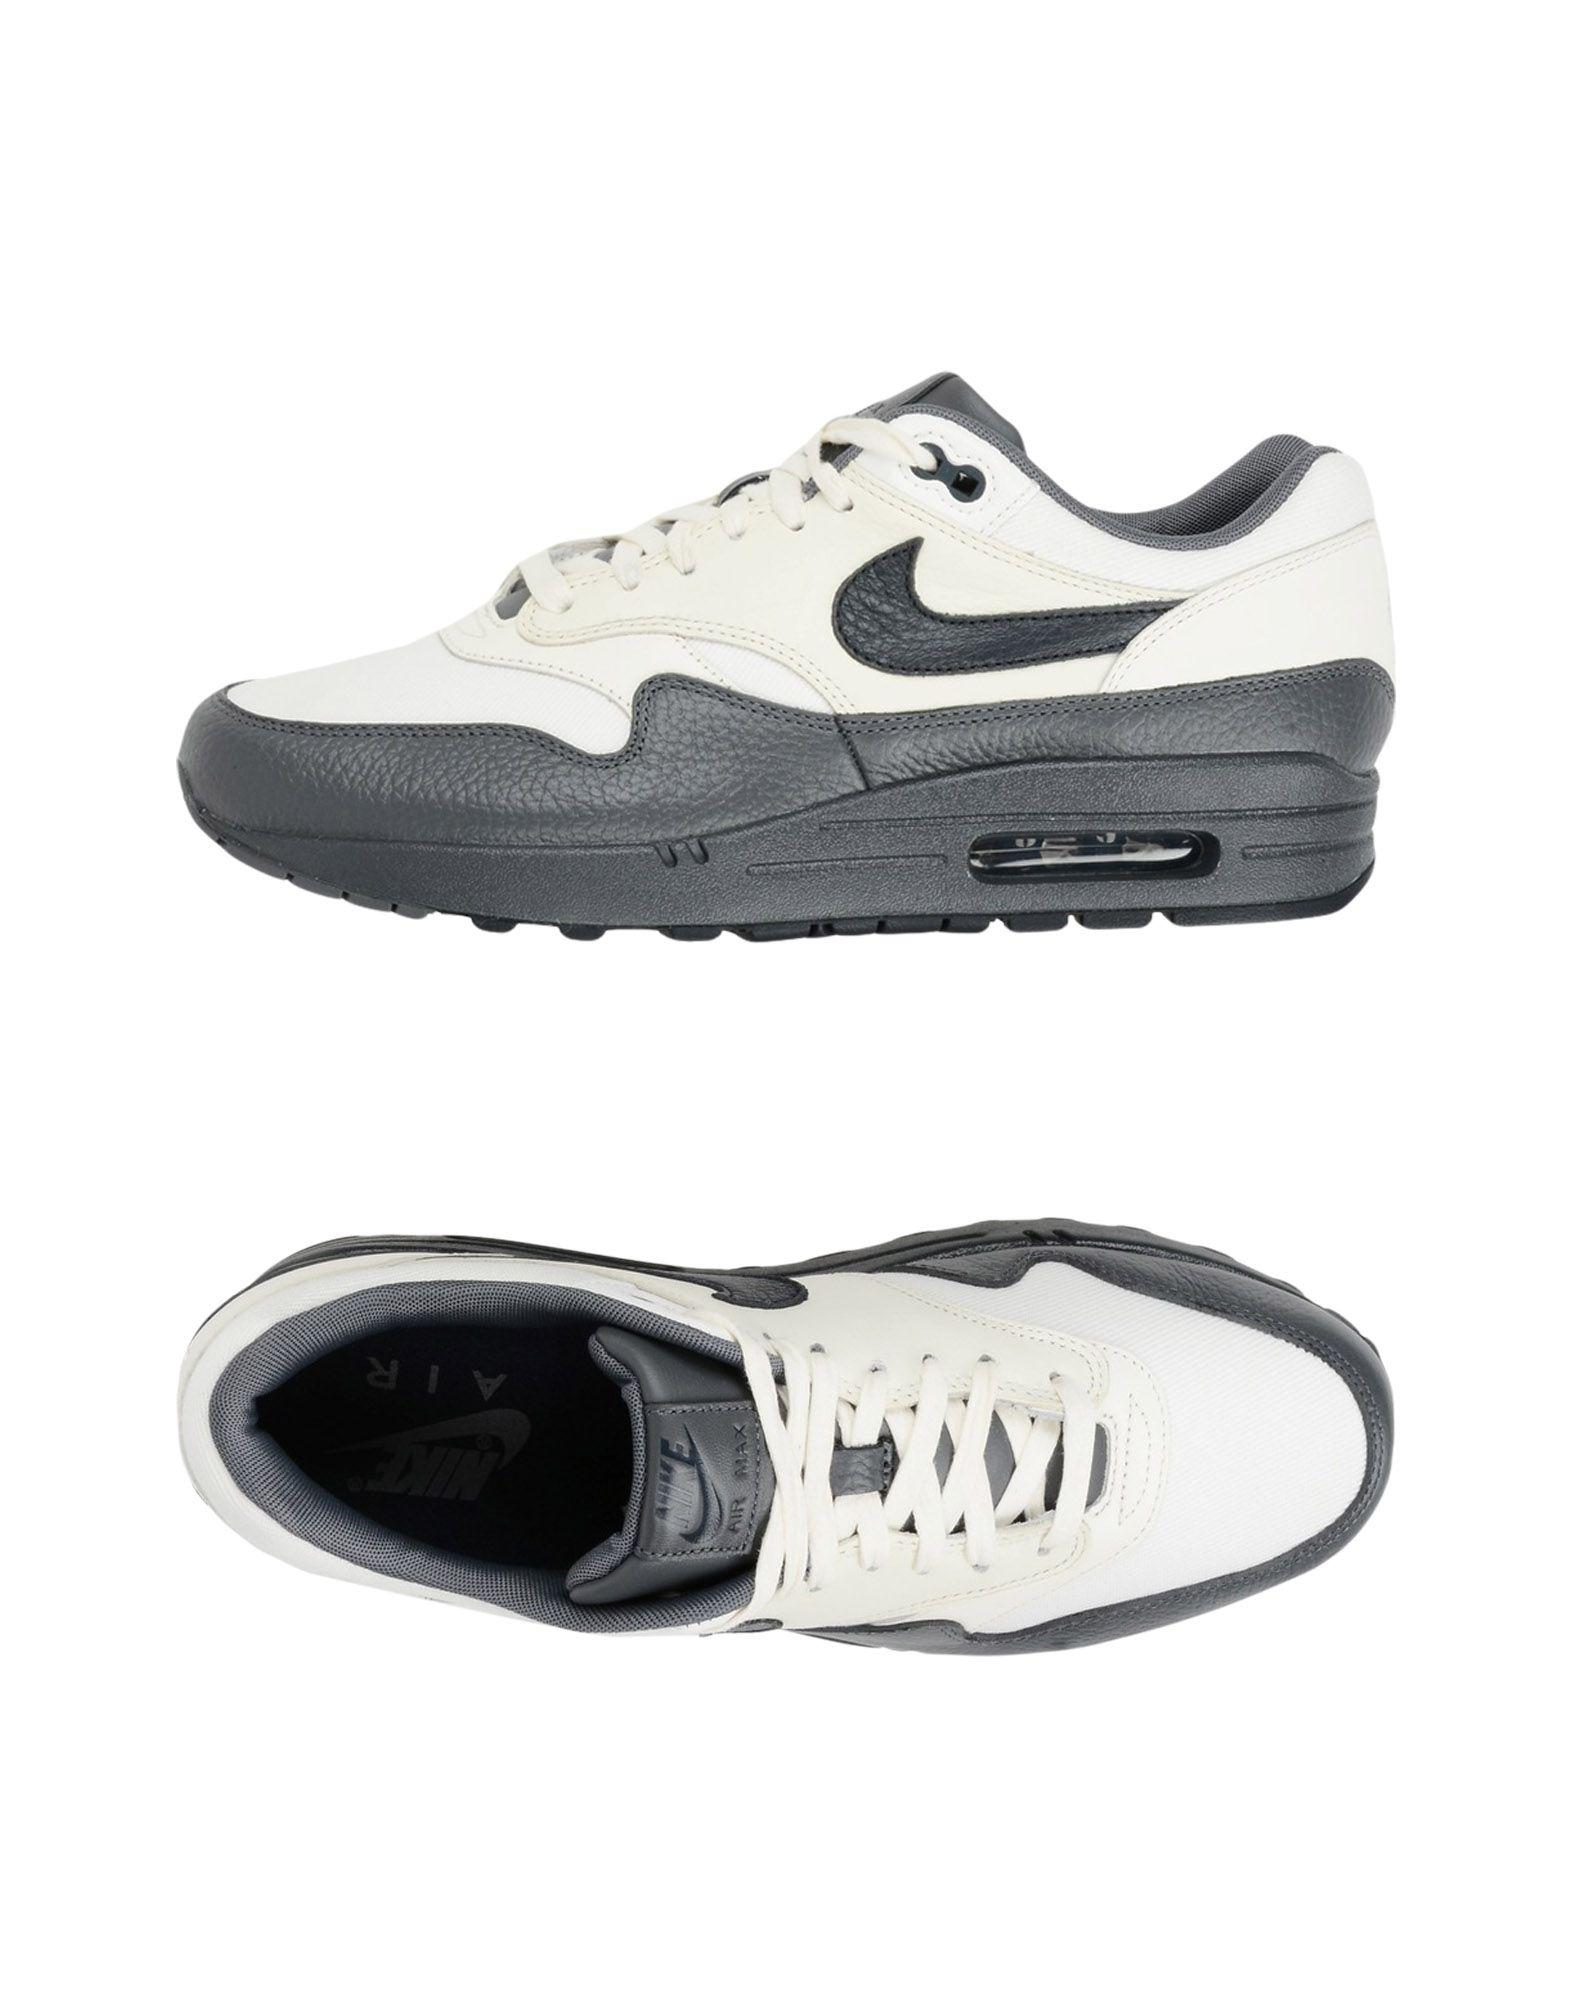 Sneakers Nike  Air Max 1 Premium - Homme - Sneakers Nike  Blanc Réduction de prix saisonnier, remise